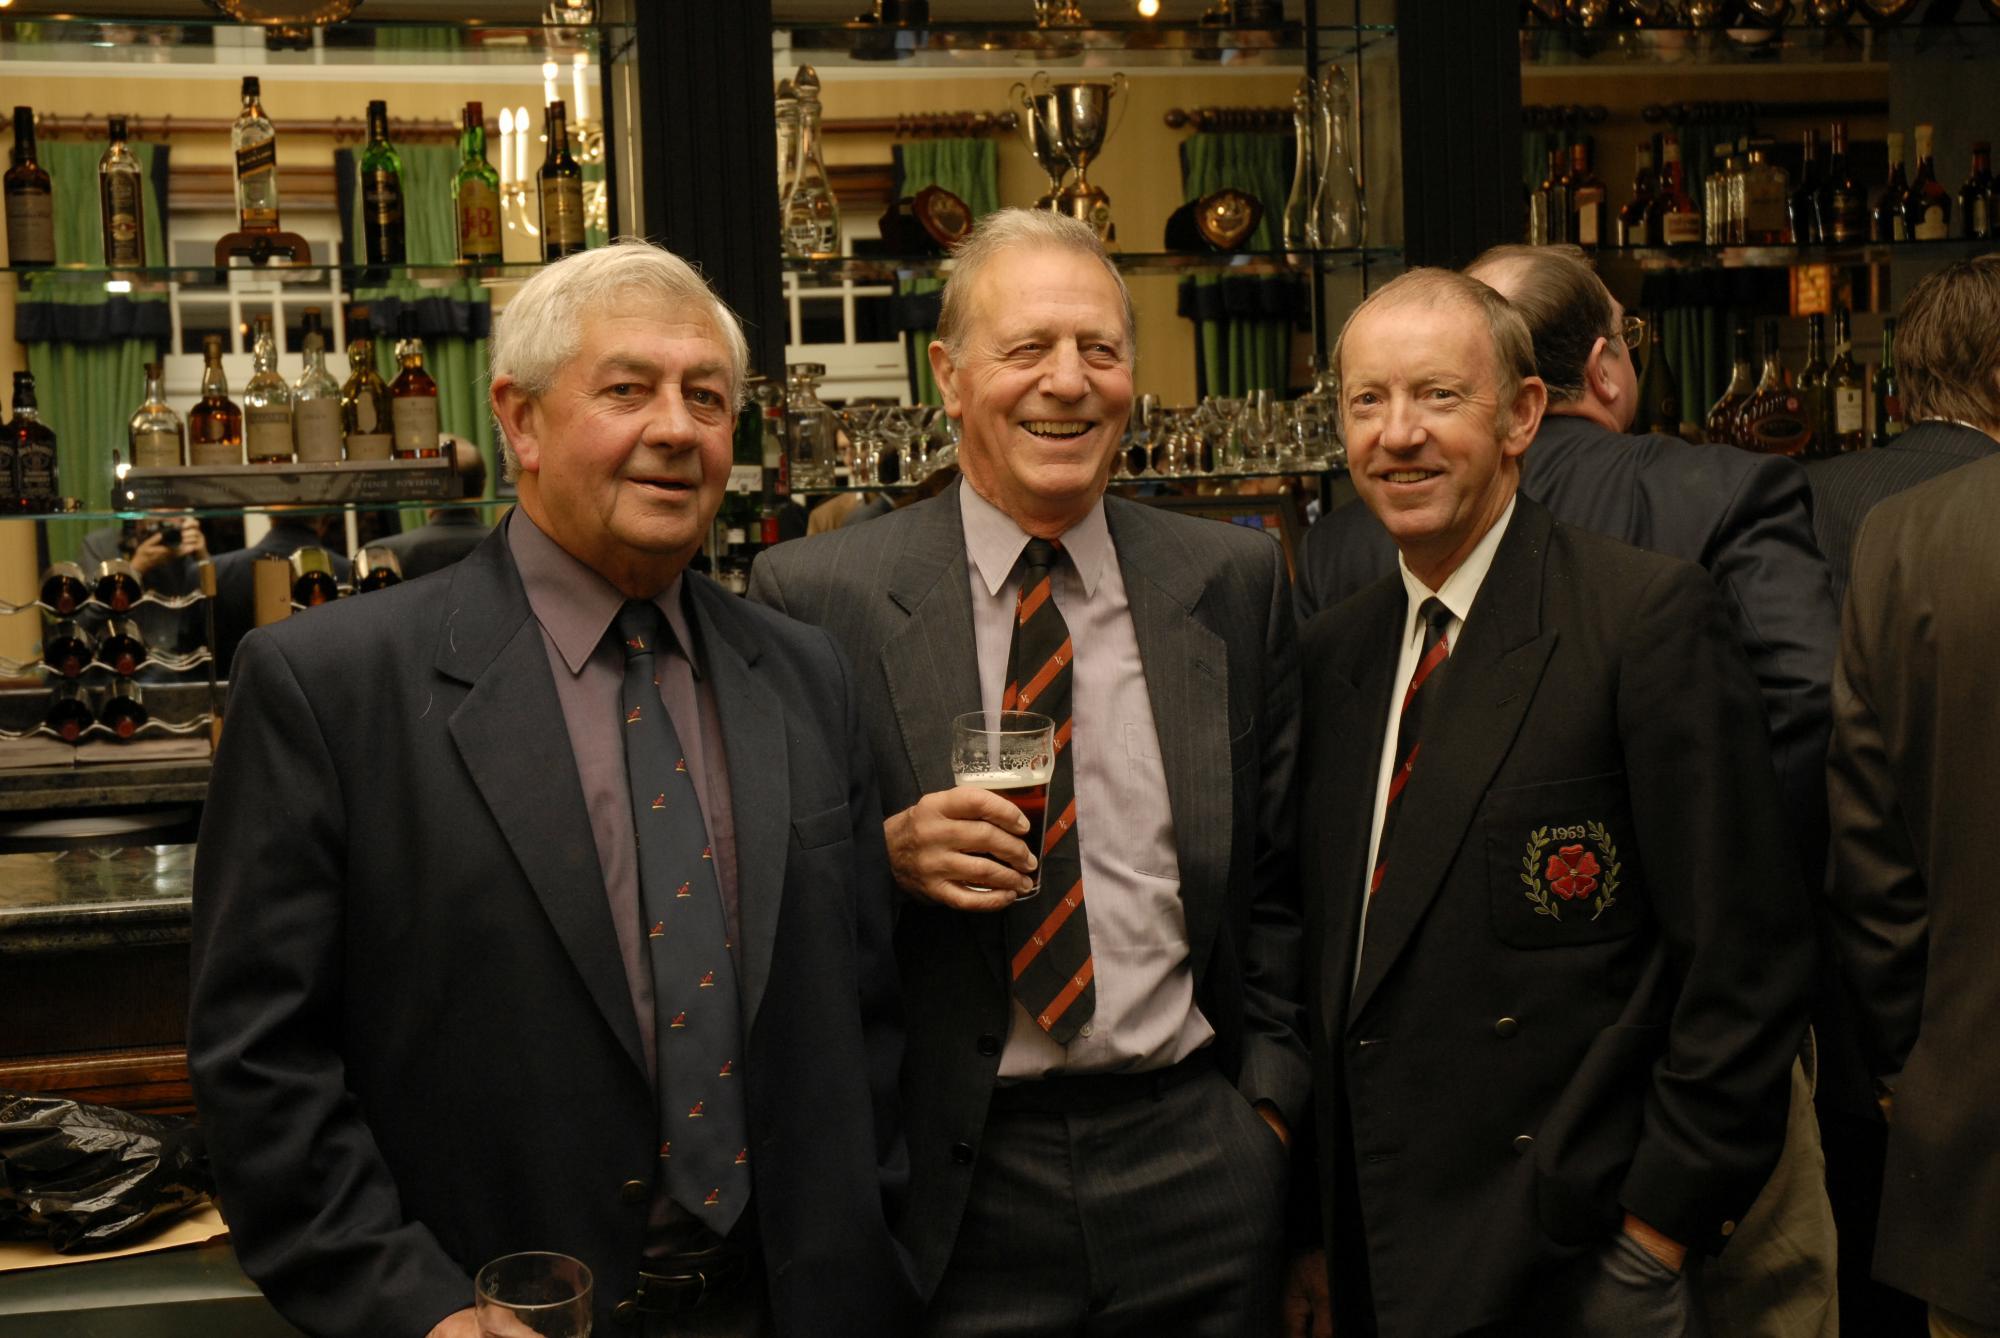 Rick Wilson, Stan Holt and Eric Marsh at the RFA Dinner September 2007